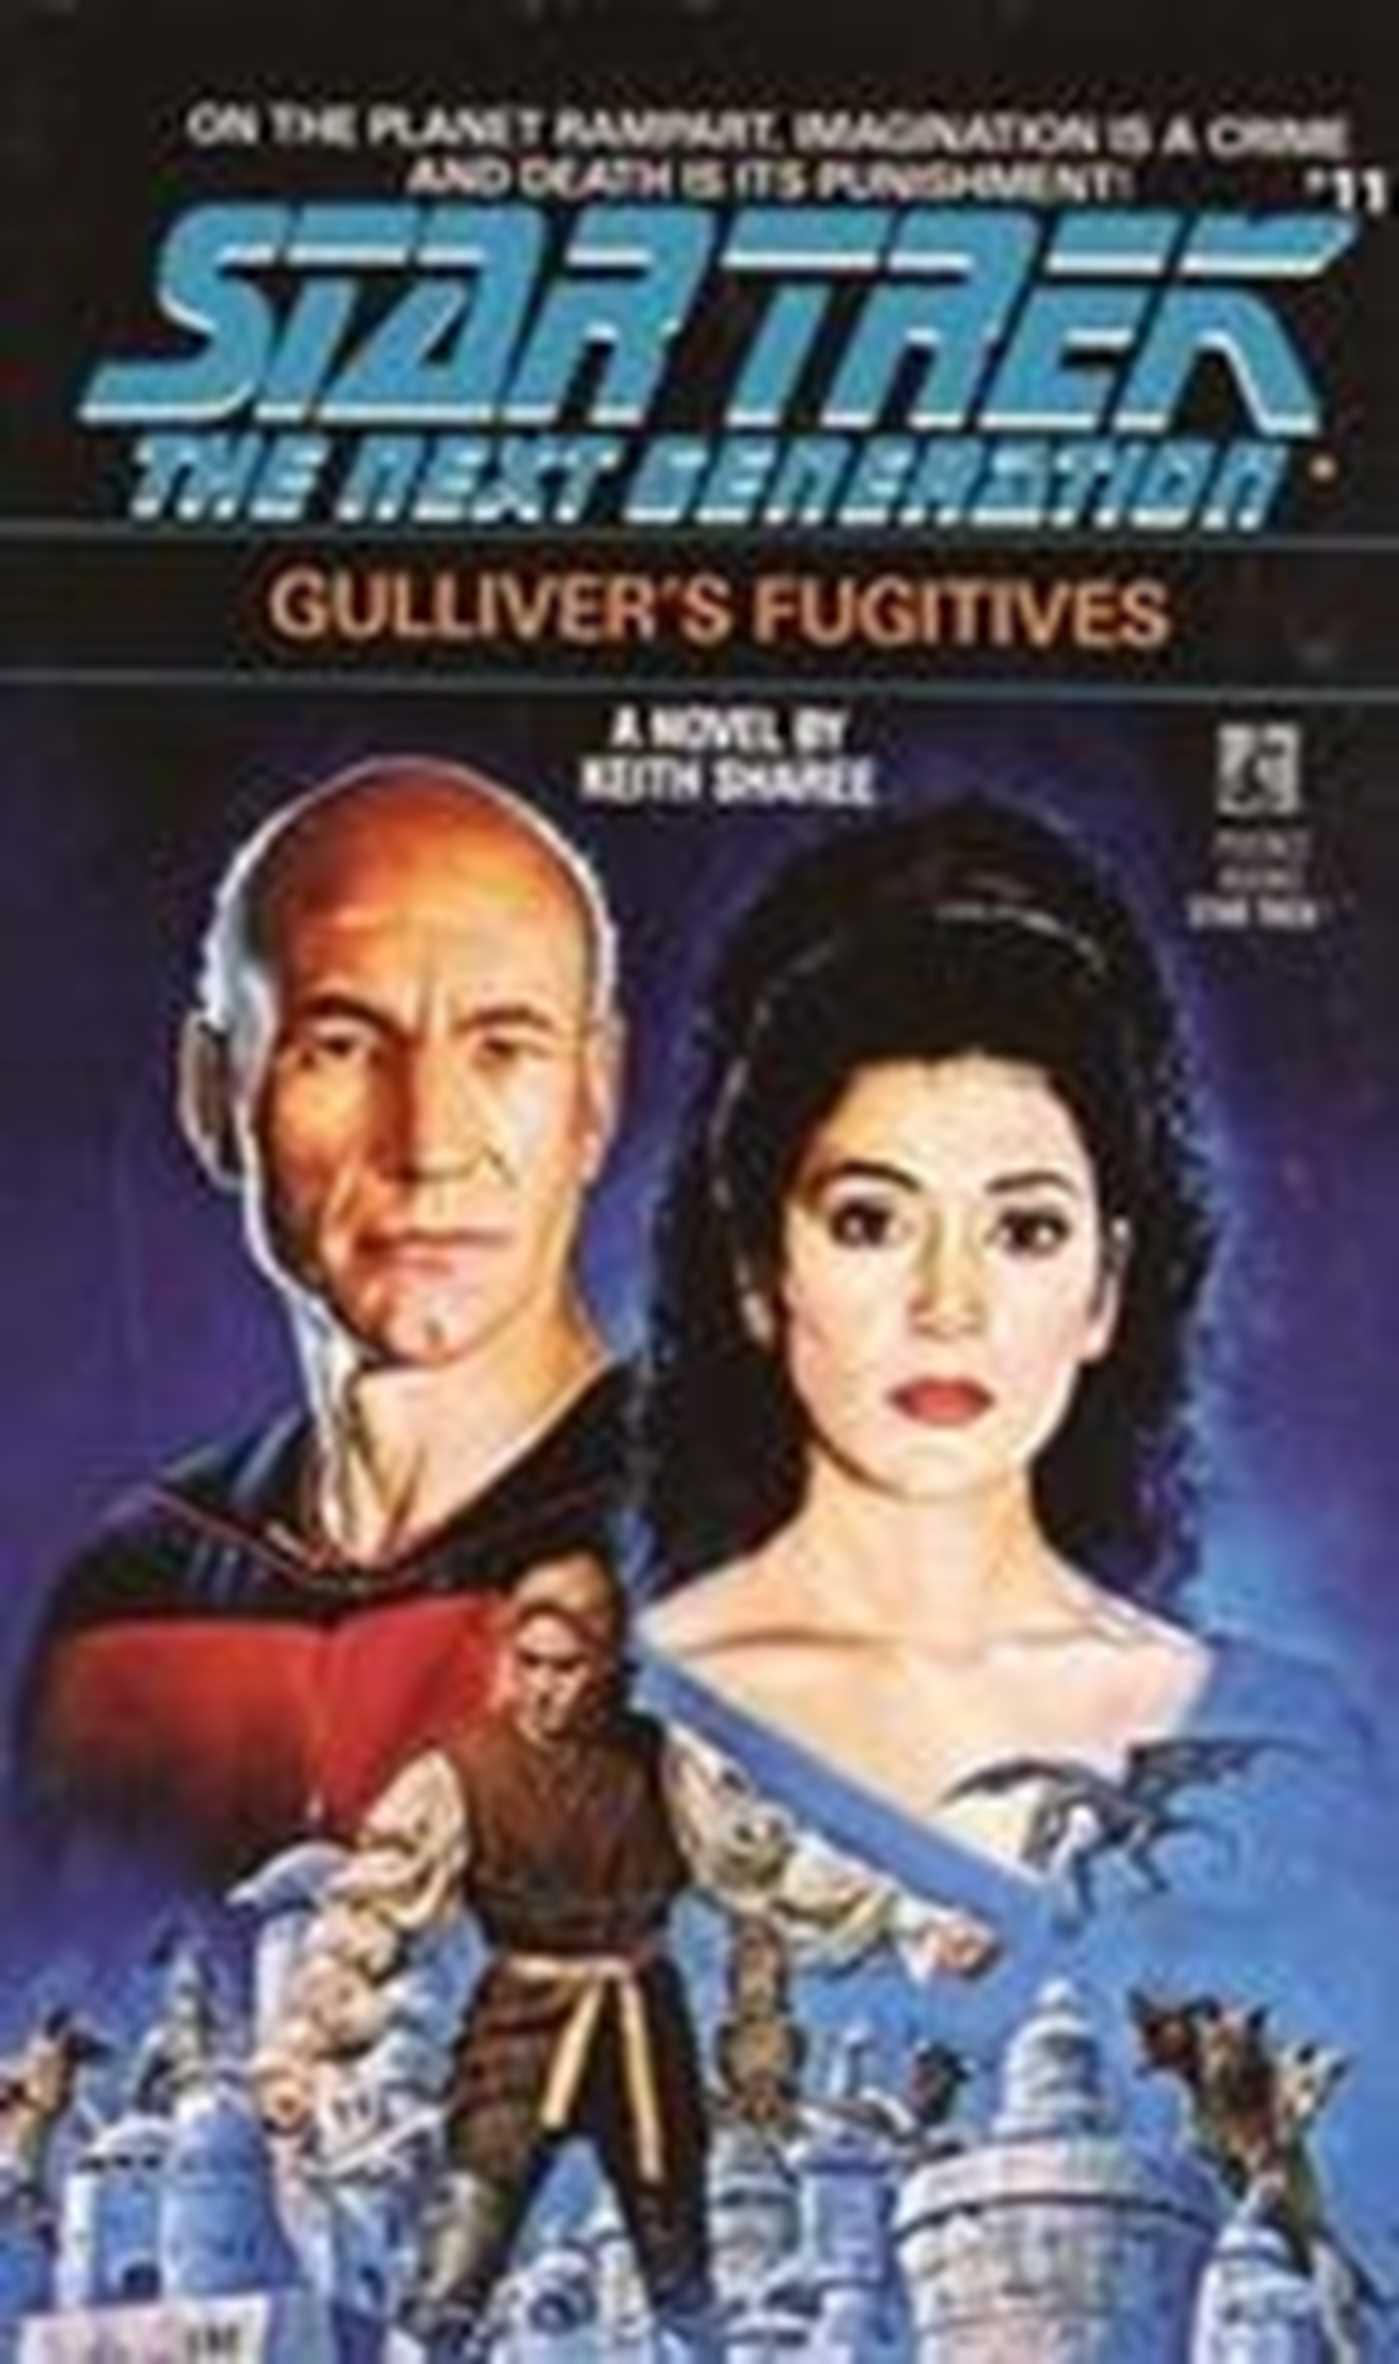 Gullivers fugitives 9780743420914 hr